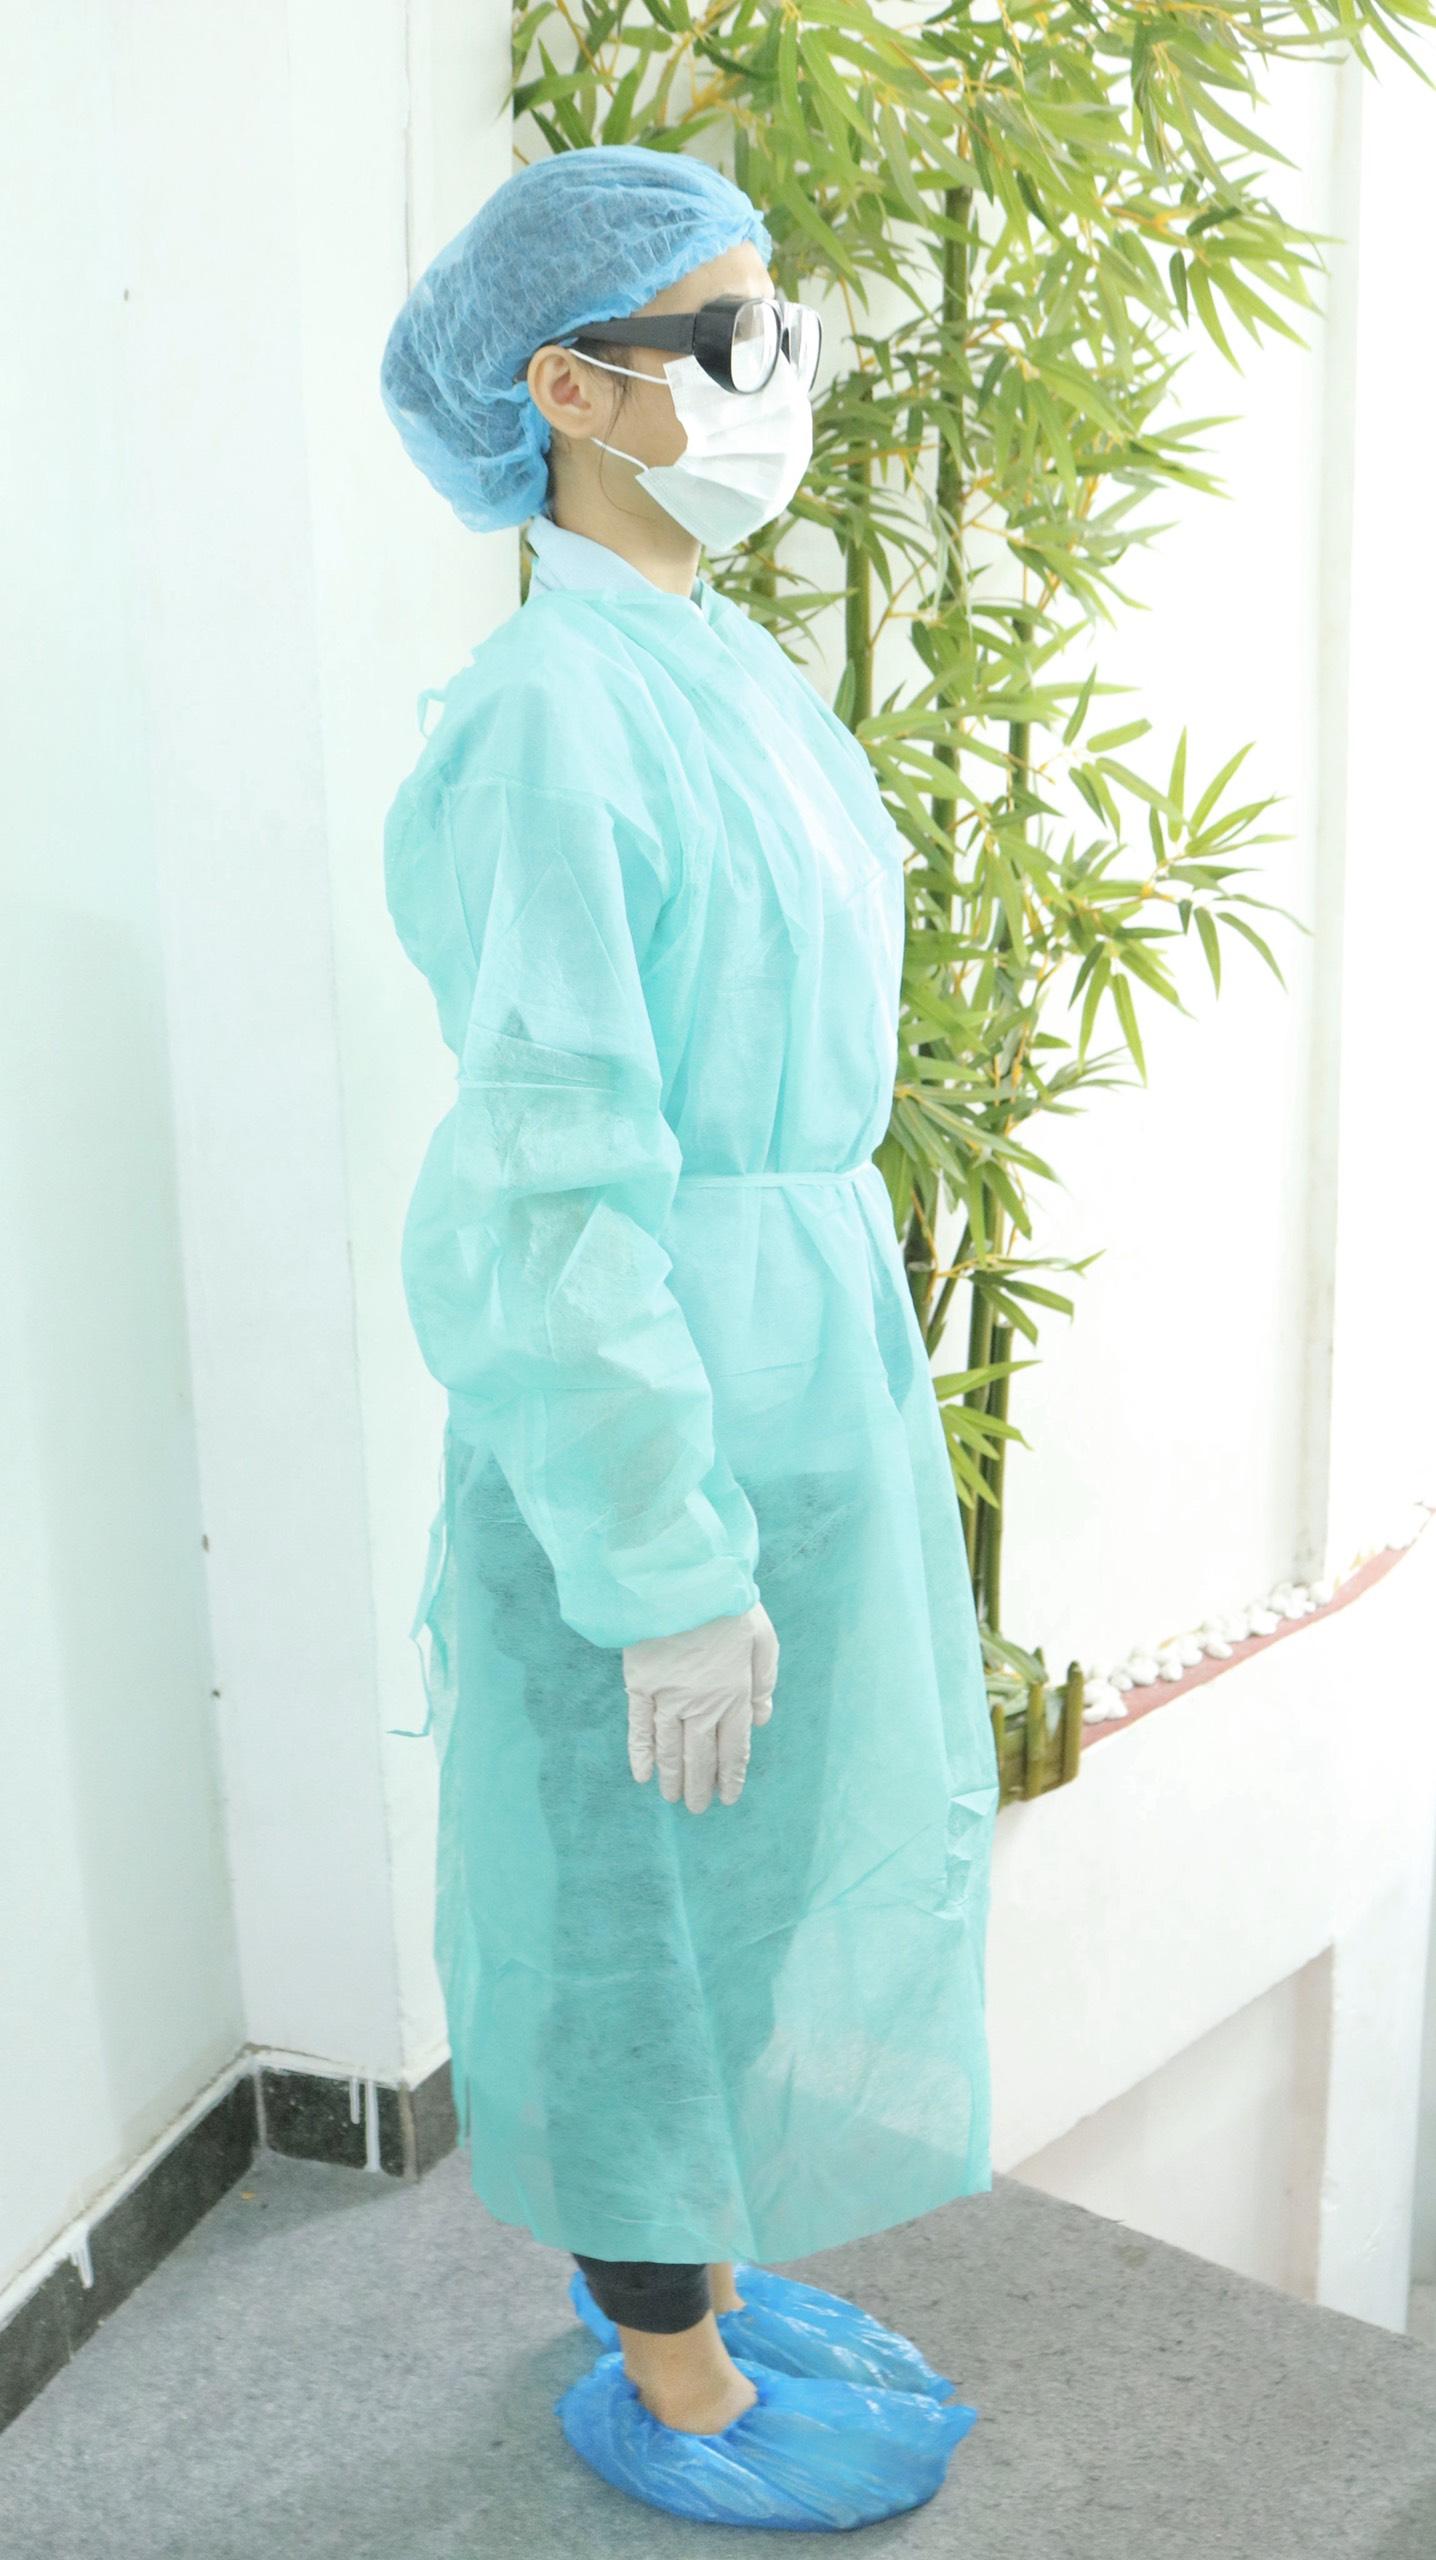 Bộ Trang Phục Phòng Dịch 6 Món Gồm: Áo + Nón + Kính Bảo Hộ + Khẩu Trang + Găng Tay + Bao Giày